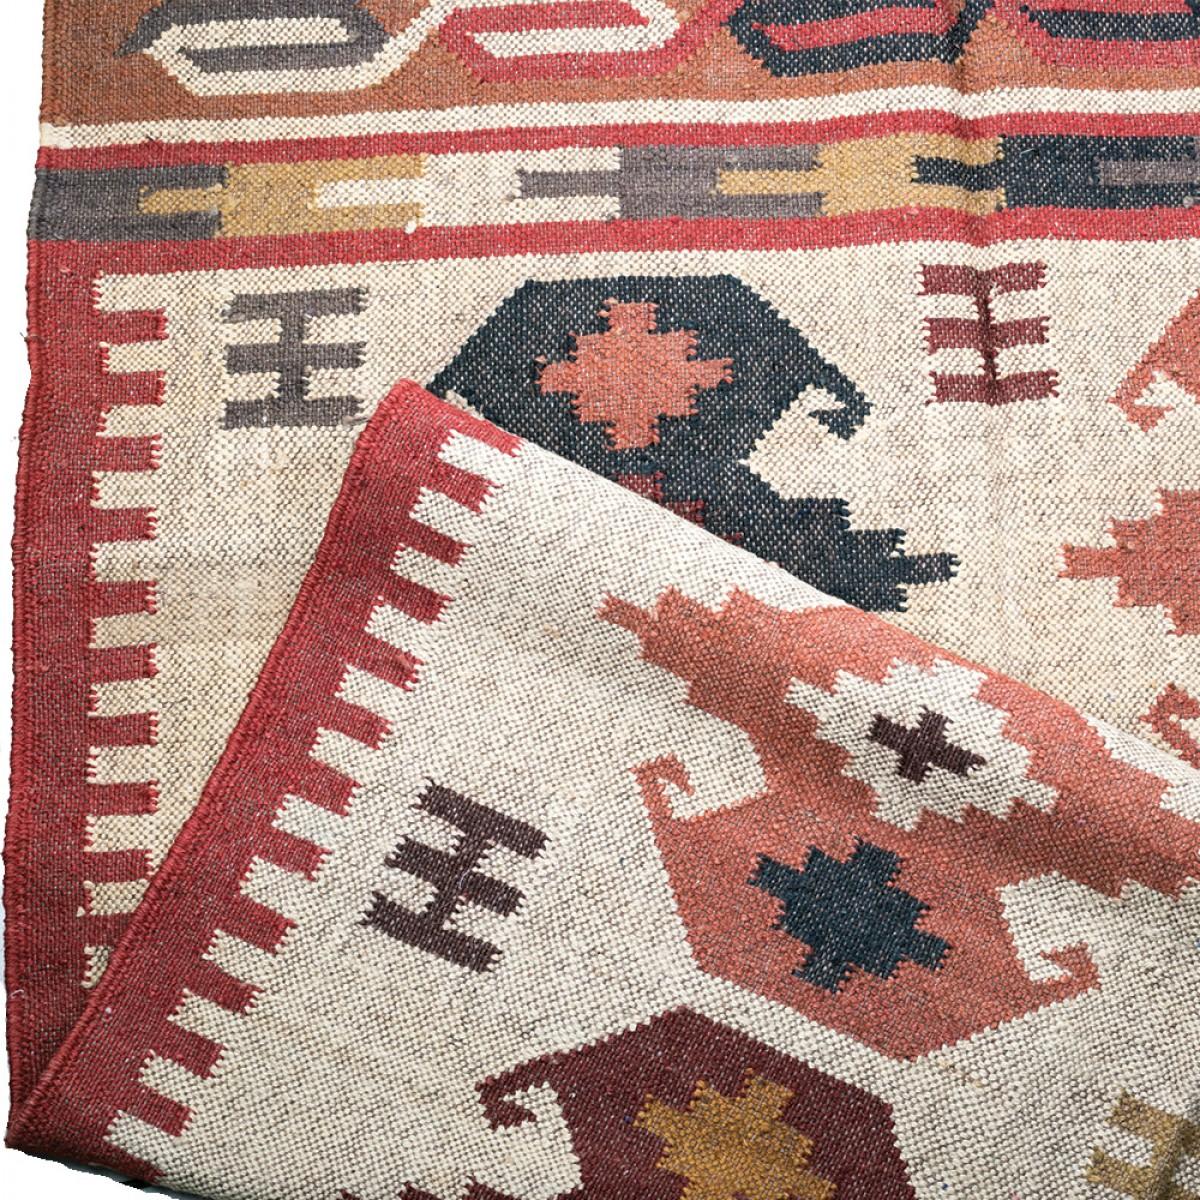 Jute Kilim Floor Rugs - Beige